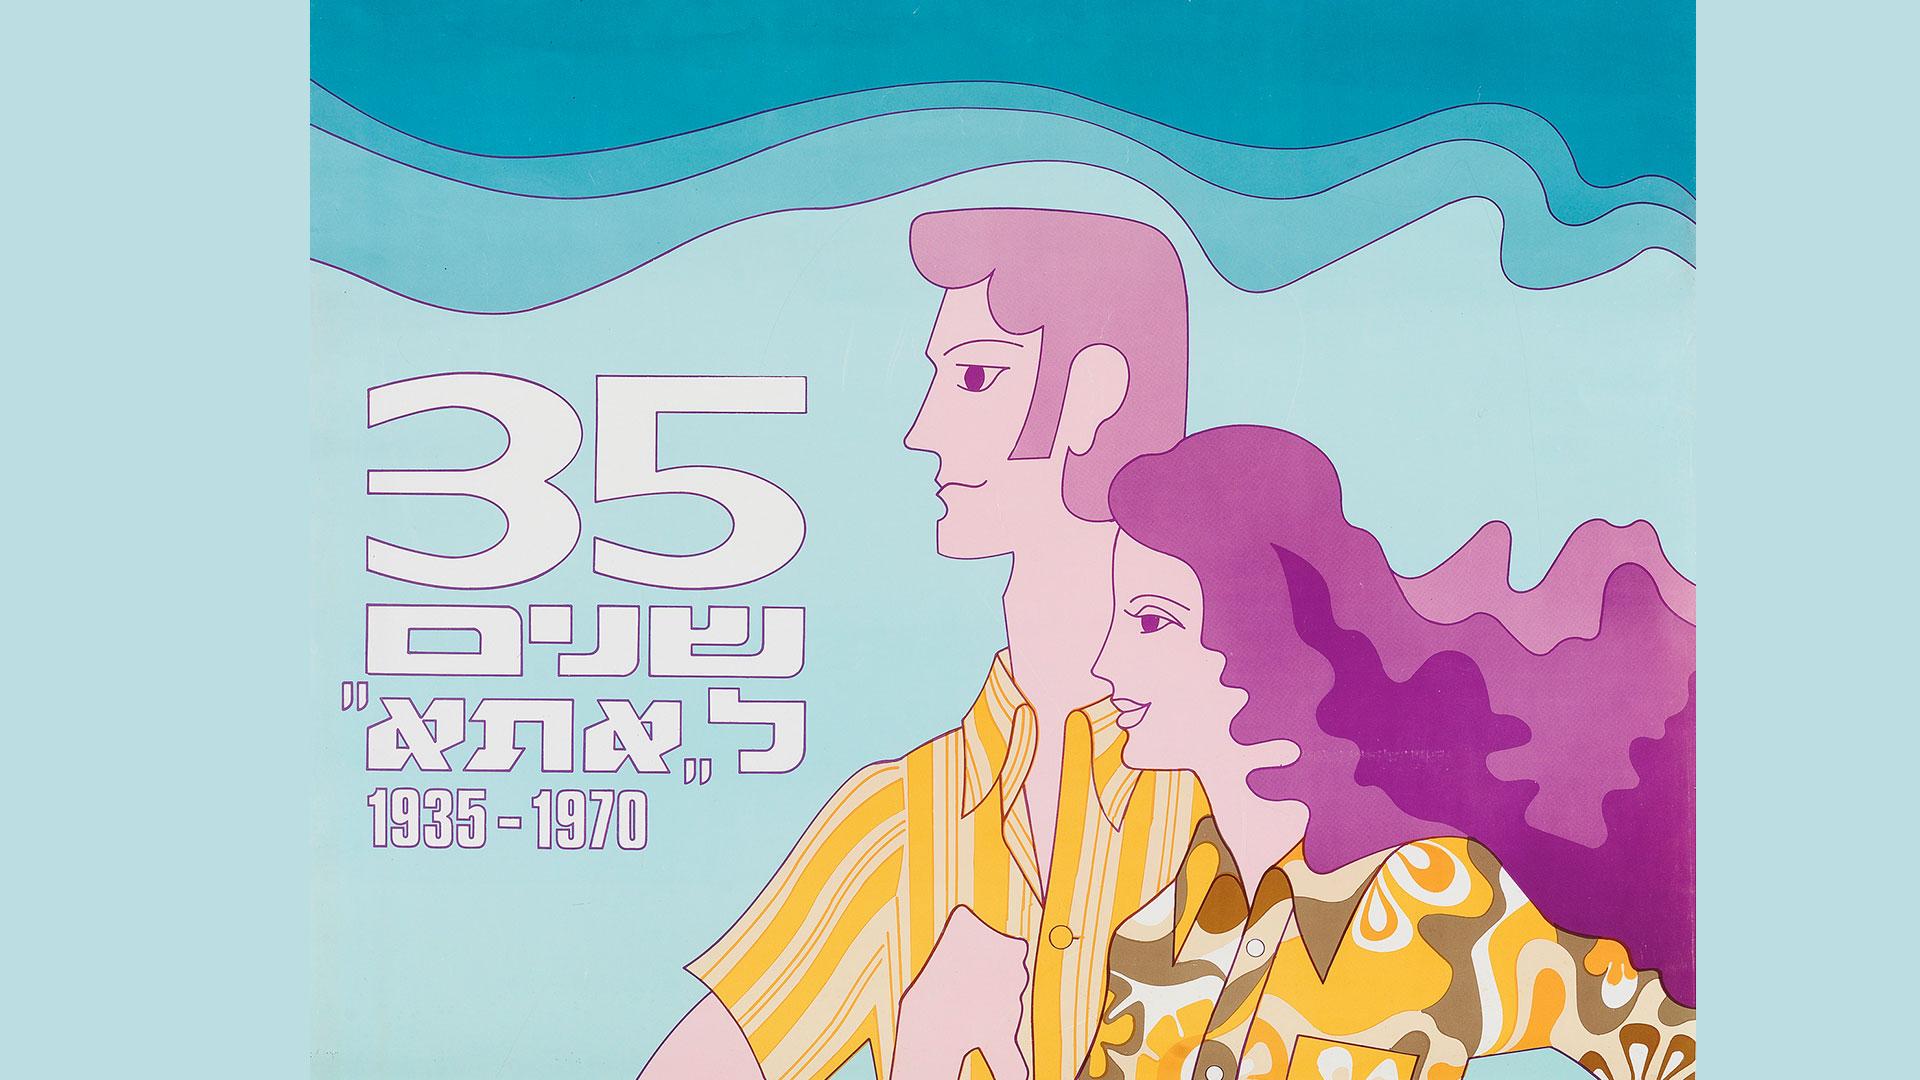 כרזת פרסומת לאתא, 1970  אוסף גיל פנטו, מוזיאון פרטי לנוסטלגיה ישראלית, יפו